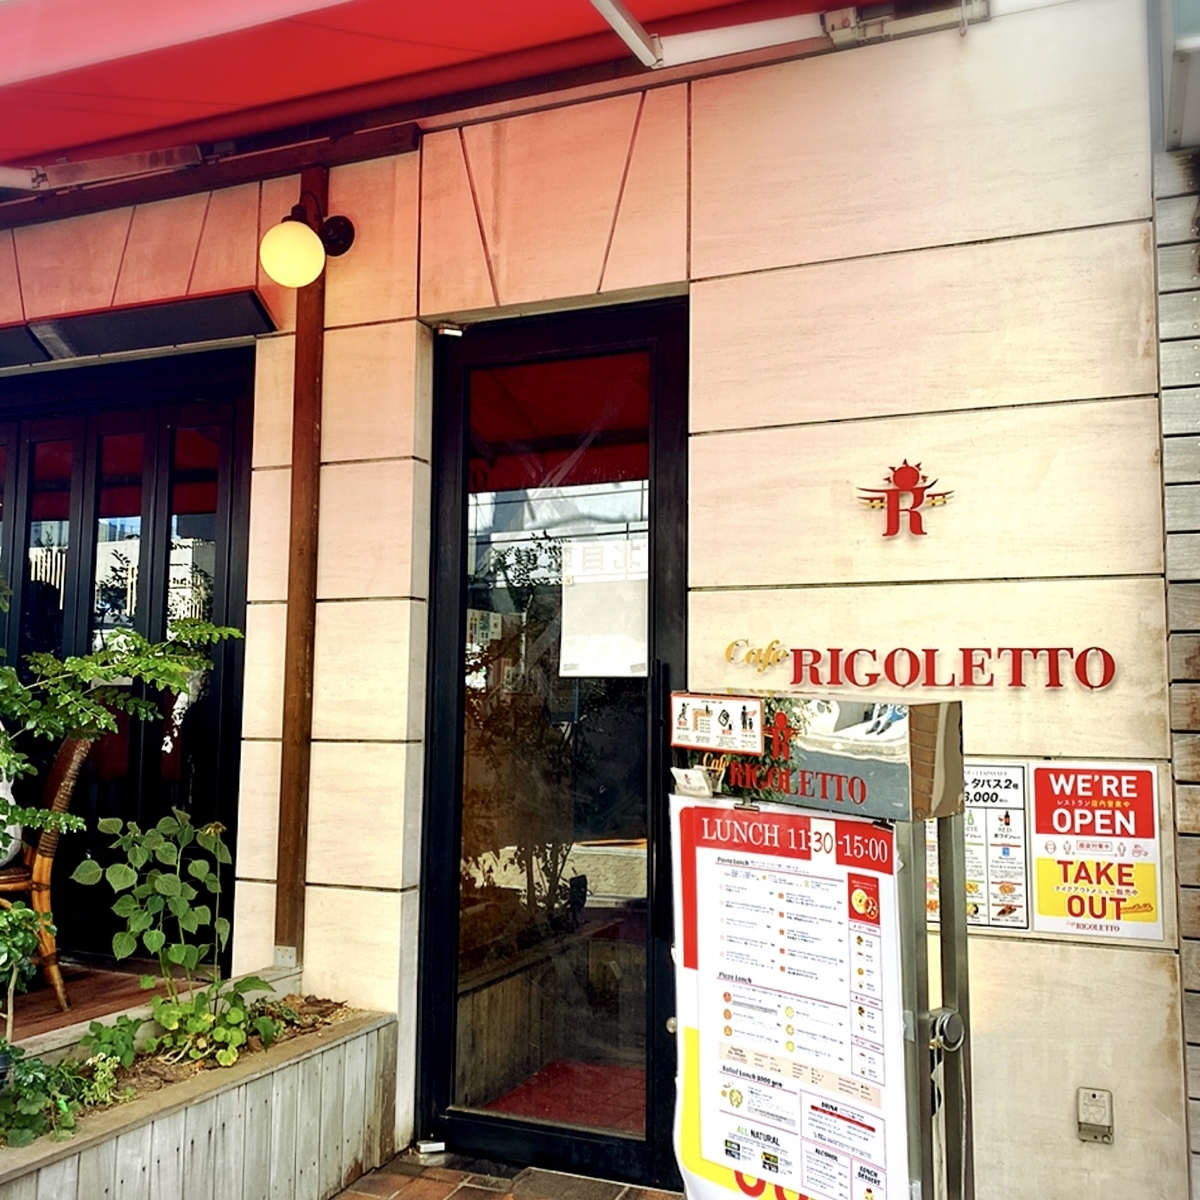 「カフェ リゴレット」はデートから大勢での飲み会まで多岐に渡って利用できる素敵イタリアン